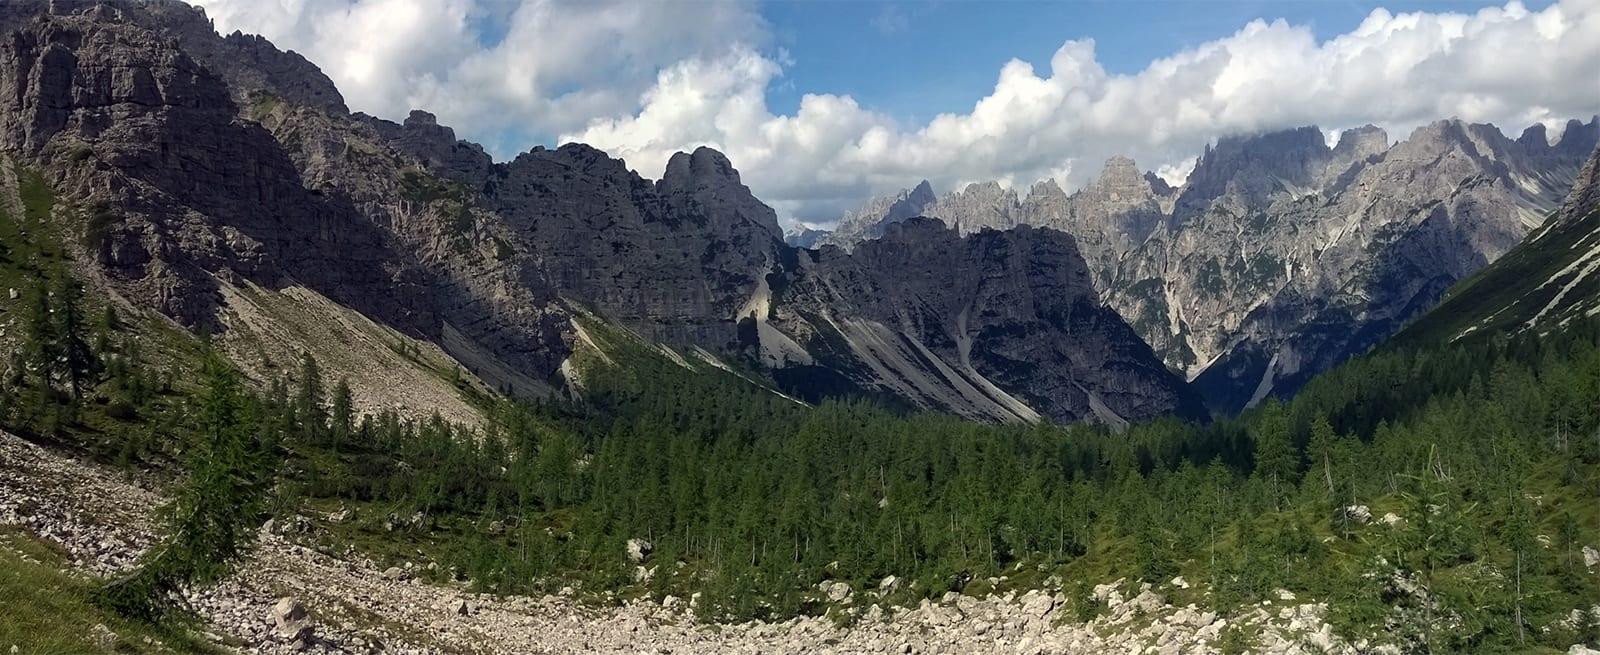 Escursione sulle Dolomiti friulane: sull'Alta via di Forni fino ai paesaggi della Val Meluzzo